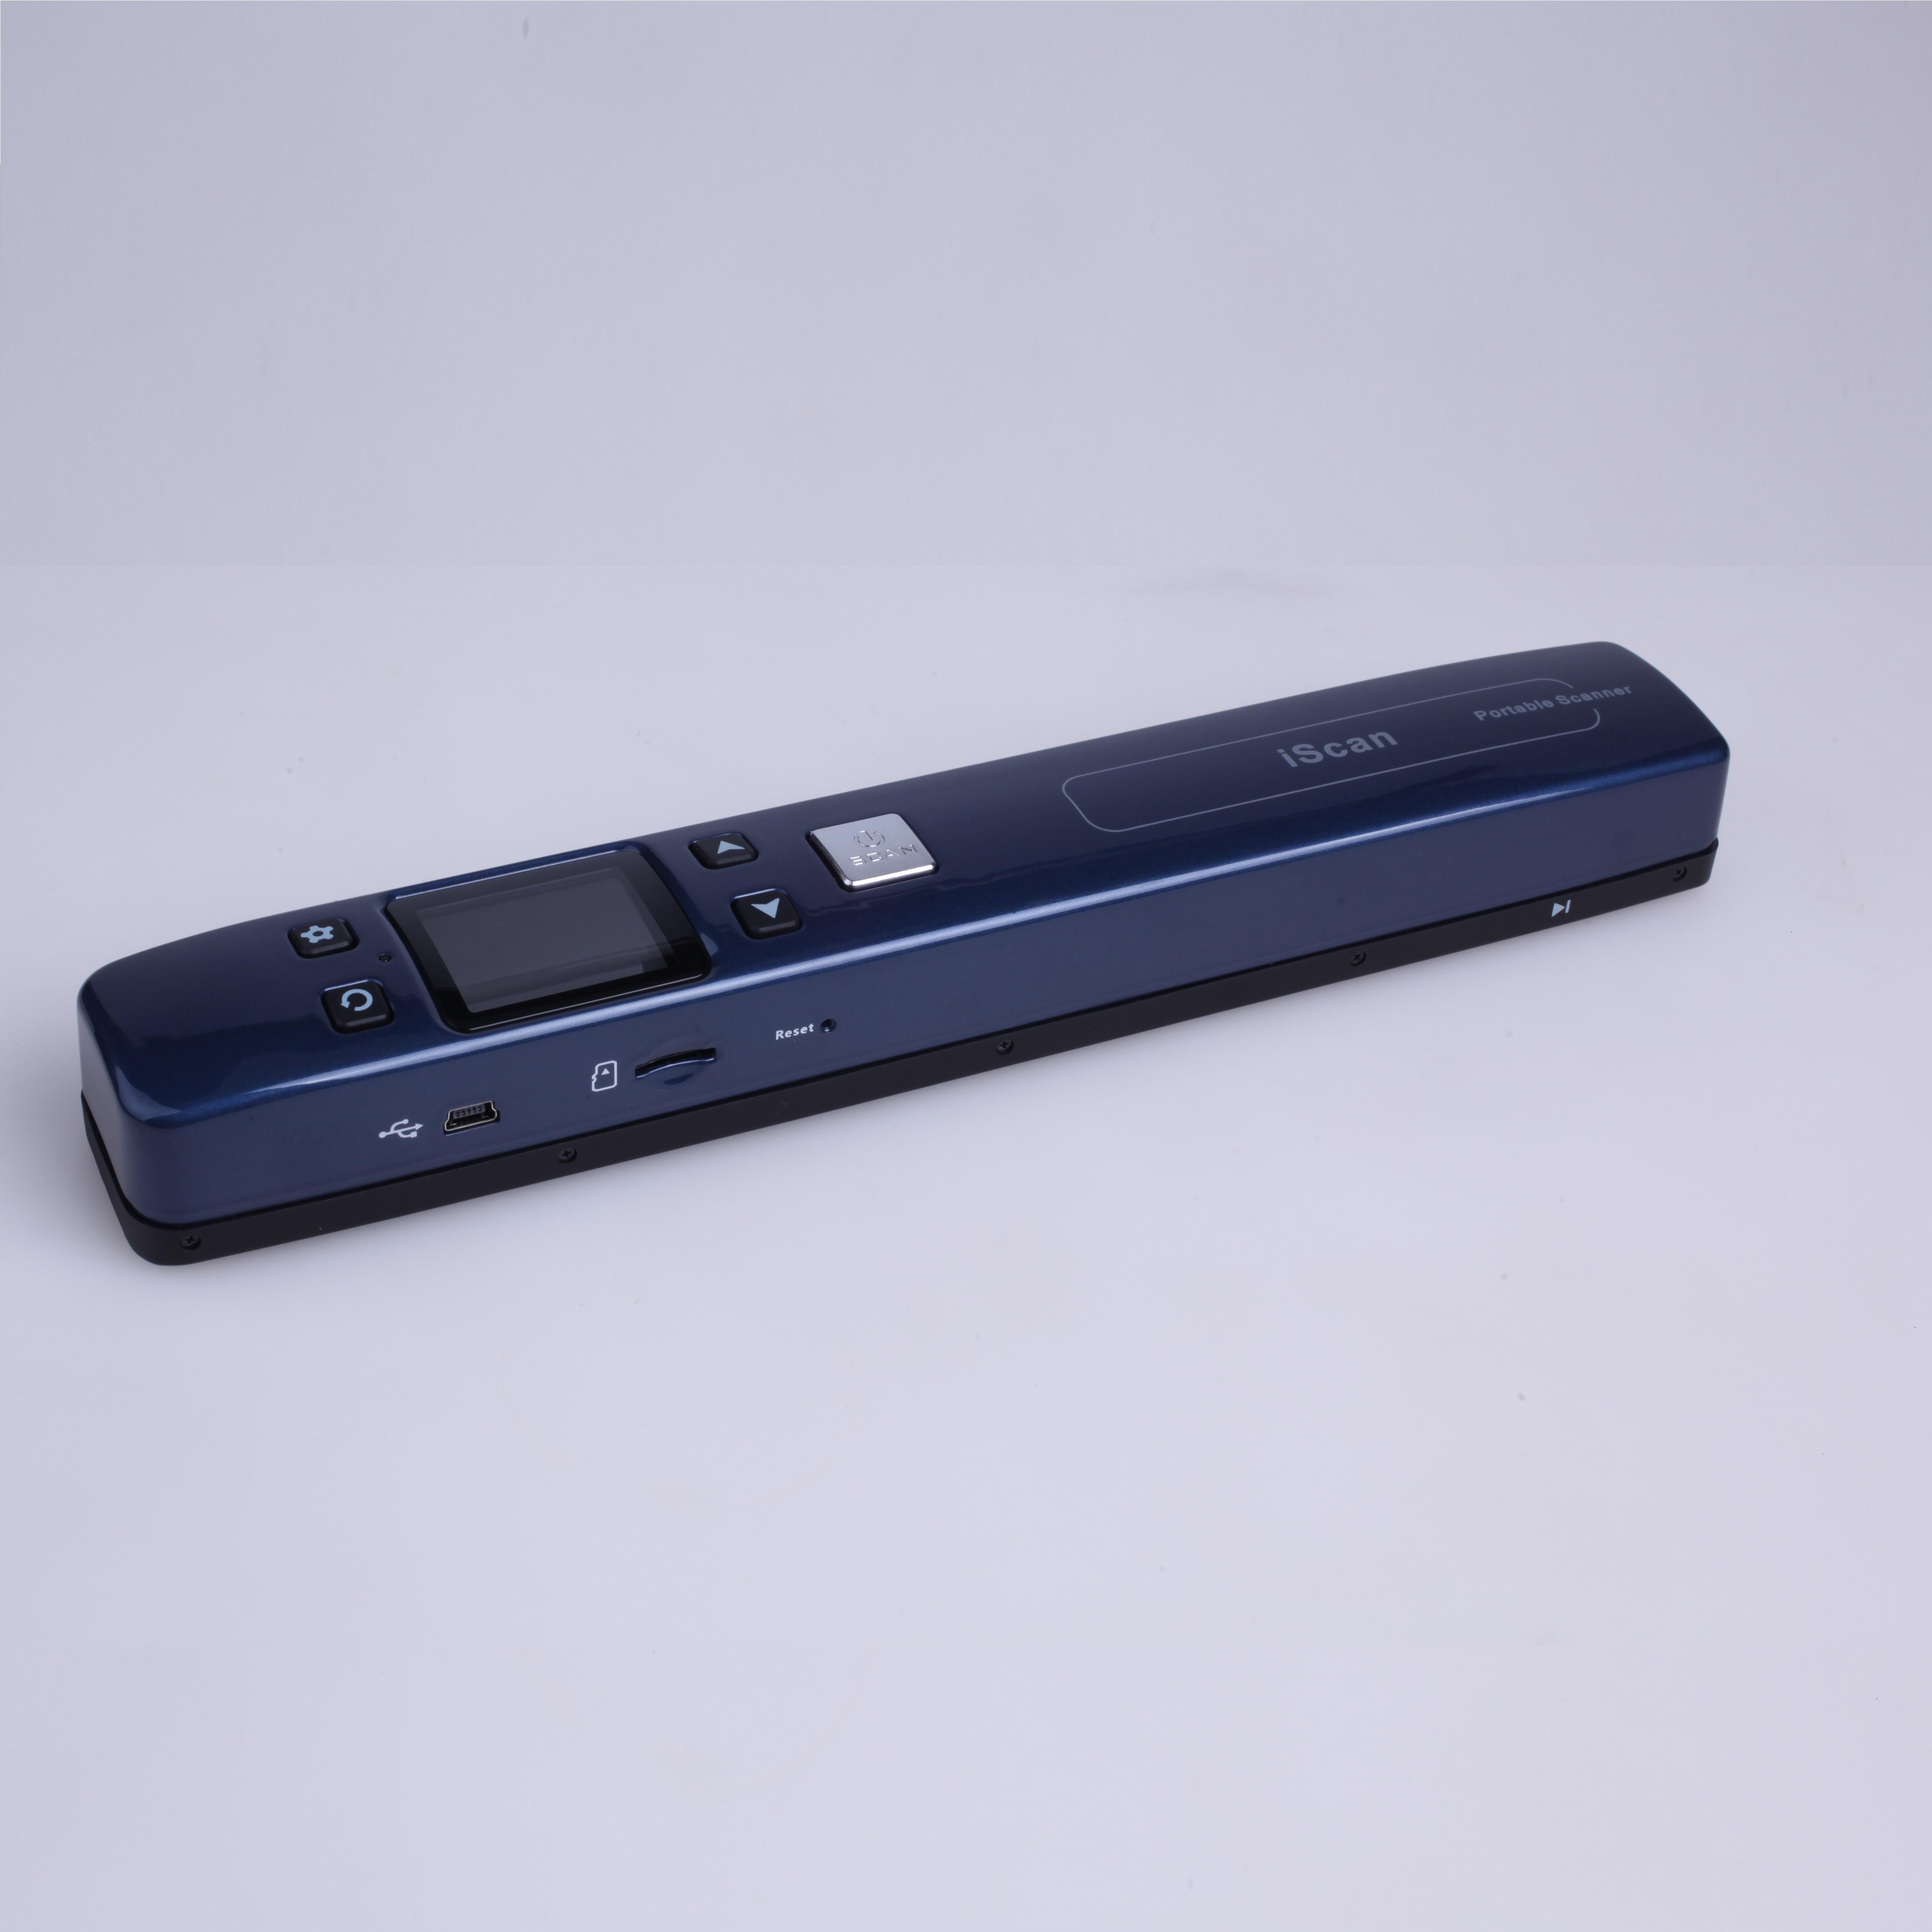 IScan02A портативный сканирование инструмент нулю край расстояние сканирование инструмент книга членство сканирование инструмент доставка по всей стране включена в стоимость …в подарок 8G карта